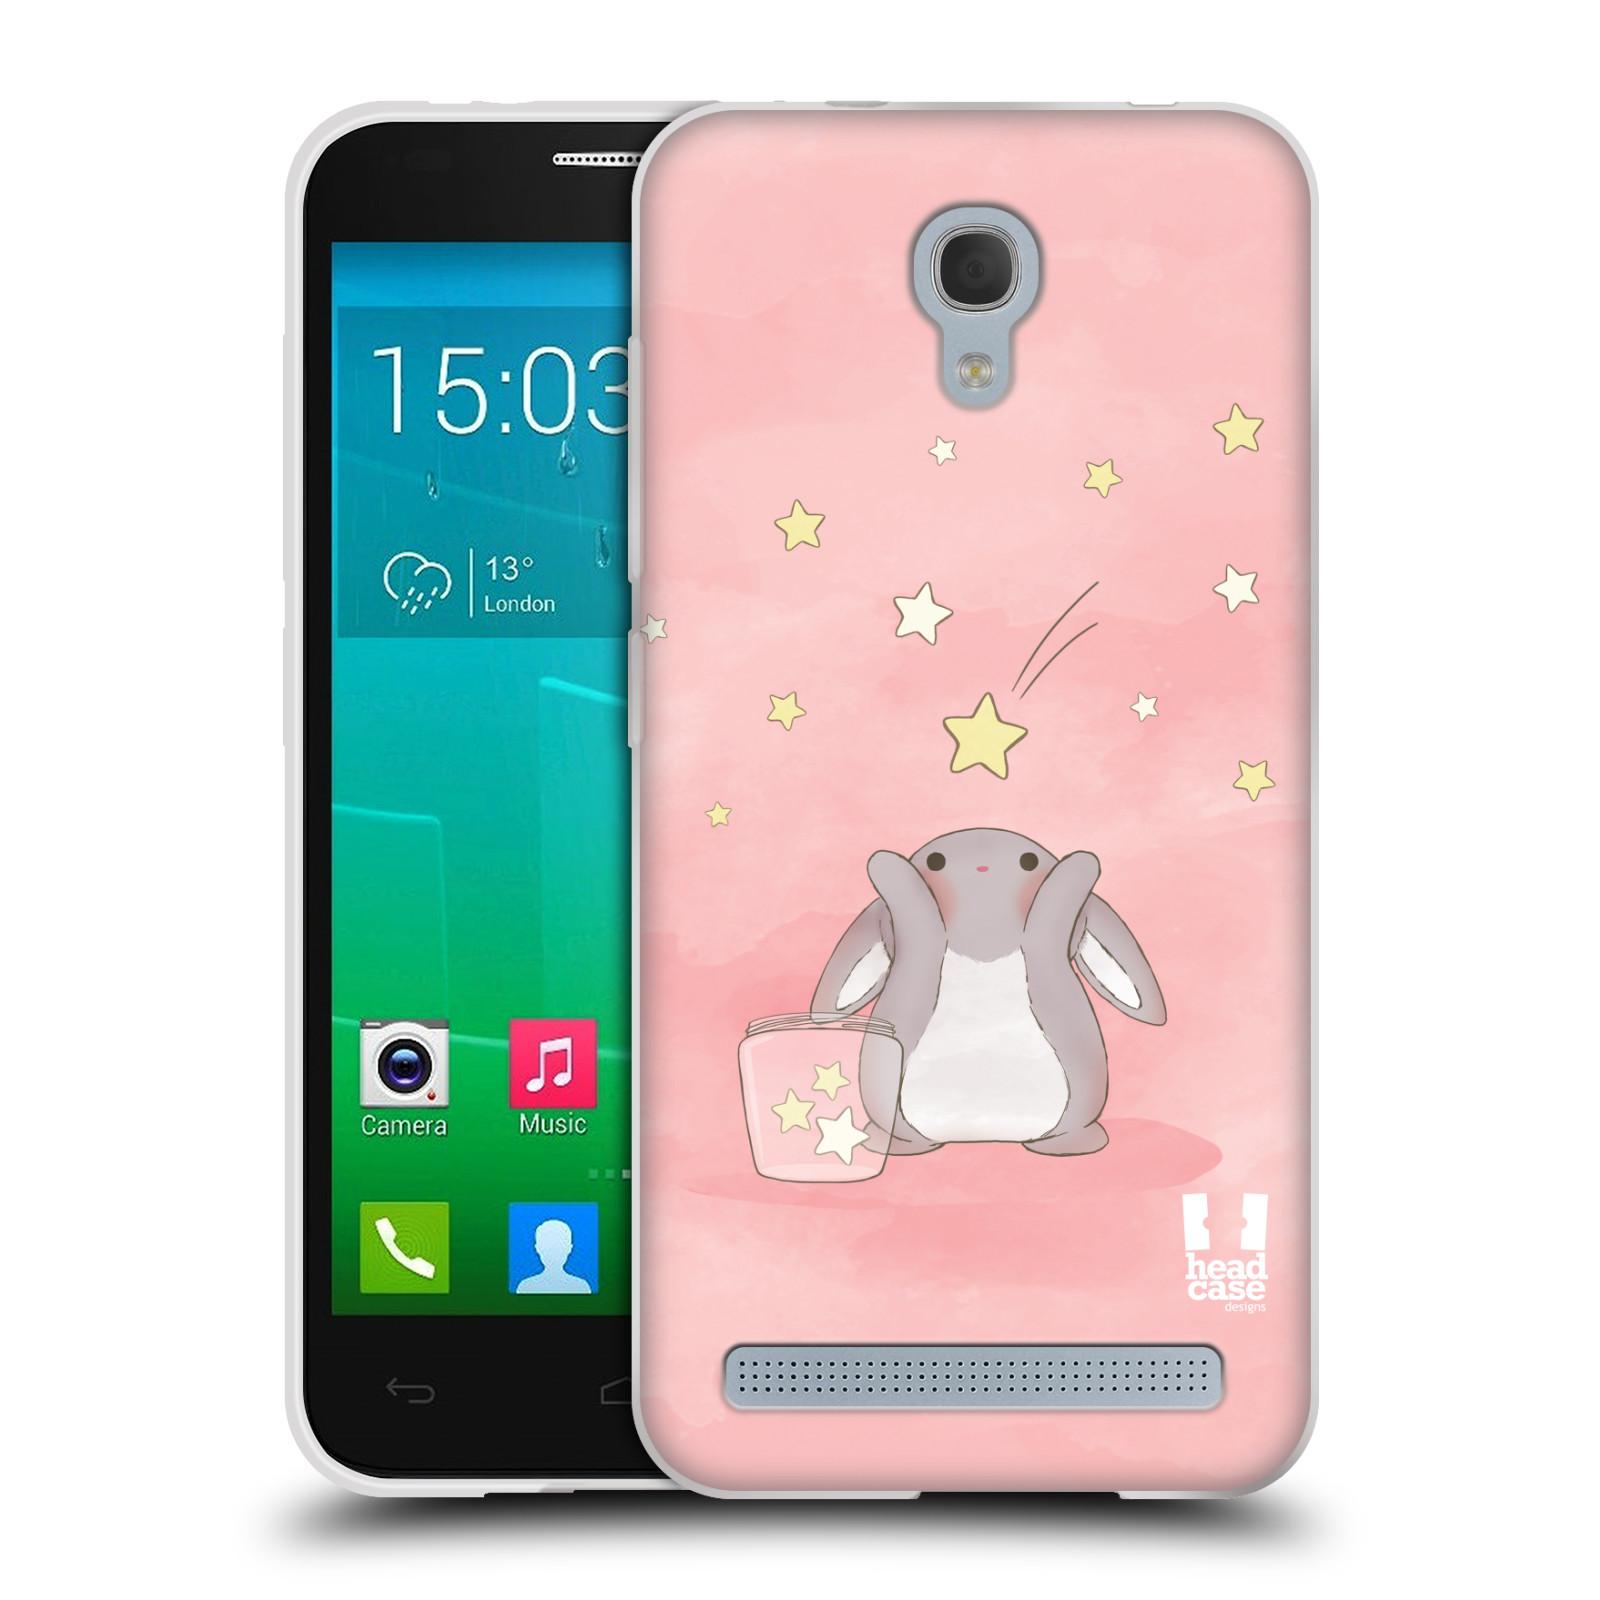 HEAD CASE silikonový obal na mobil Alcatel Idol 2 MINI S 6036Y vzor králíček a hvězdy růžová